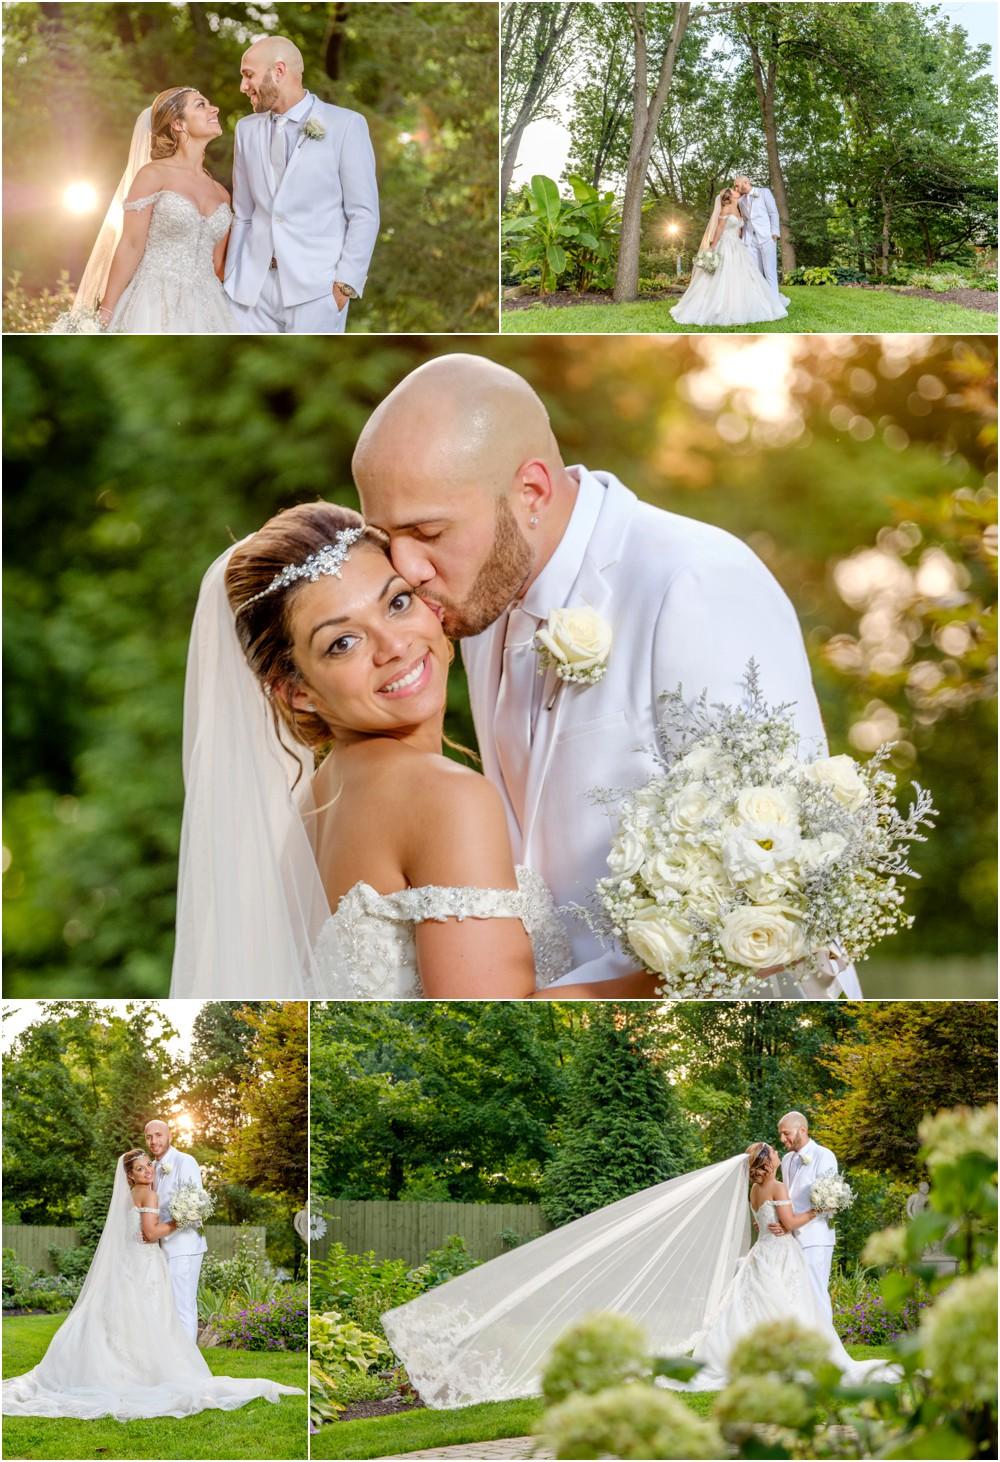 wedding-pictures-at-Avon-gardens_0015.jpg